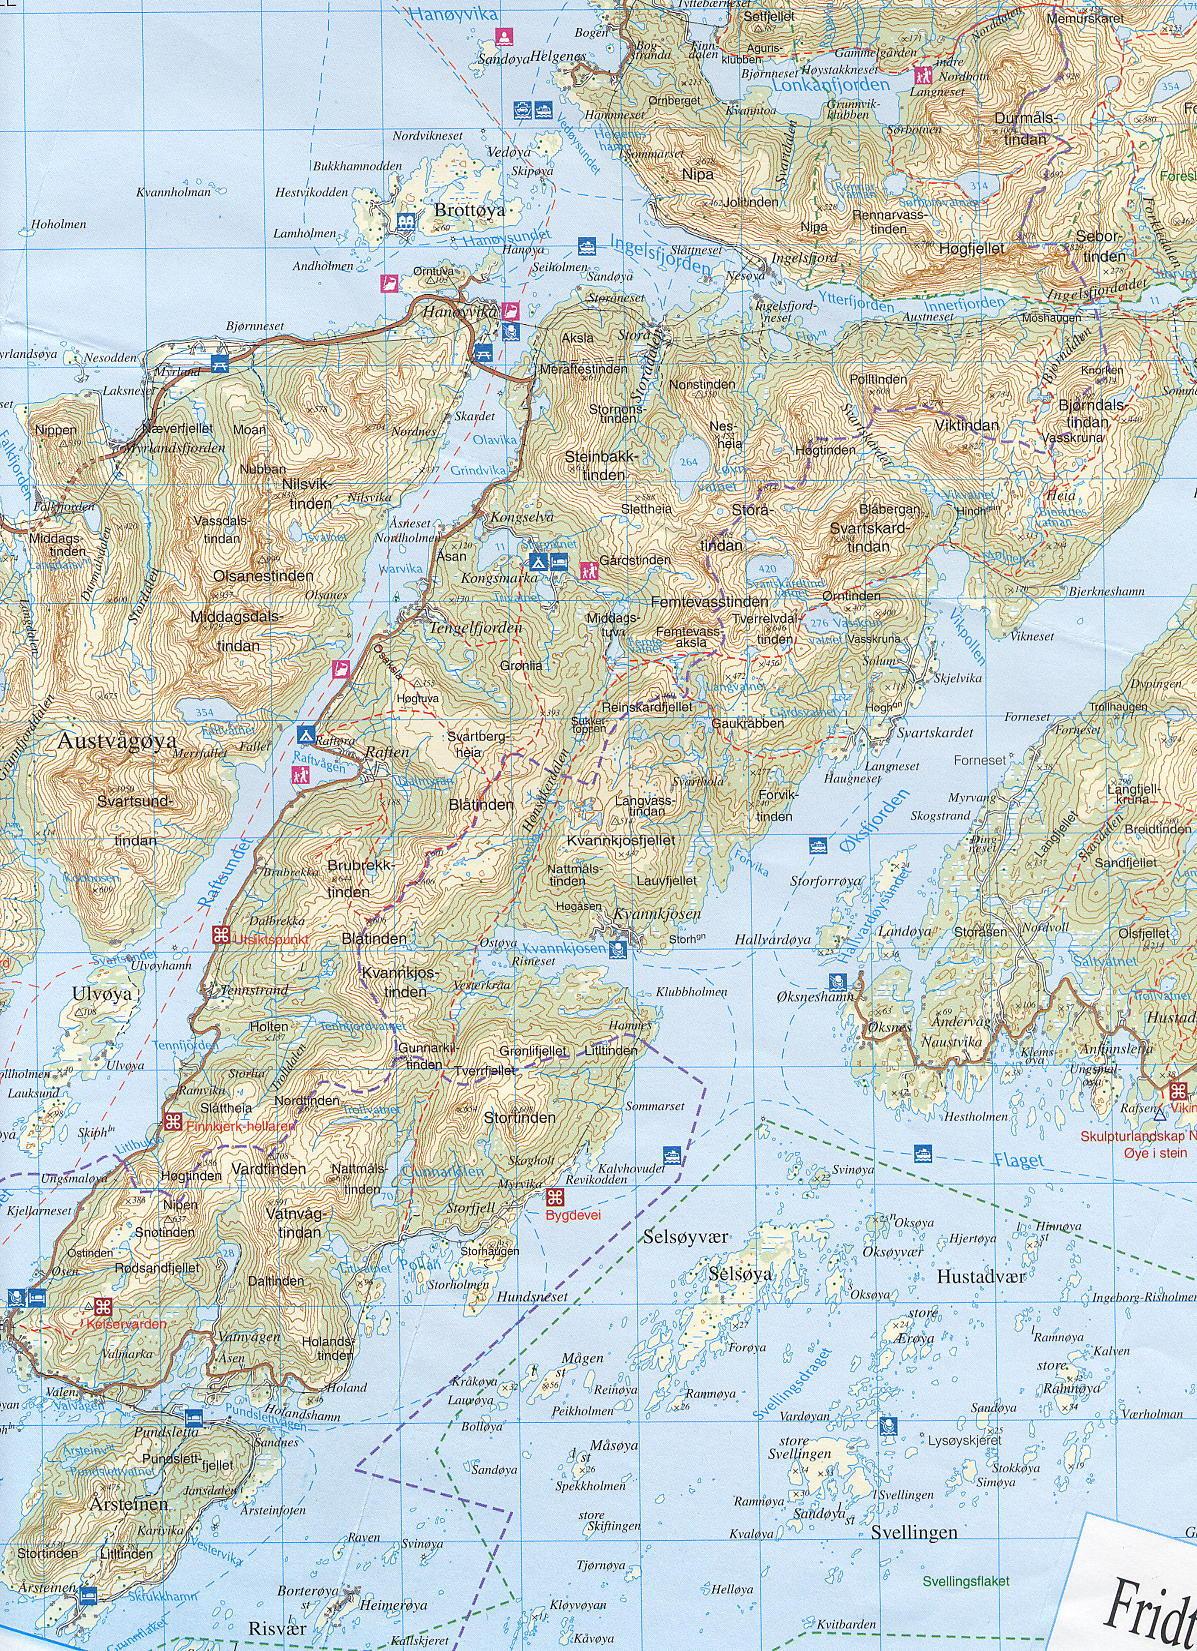 digermulen kart .hinnøy.no   Kart digermulen kart